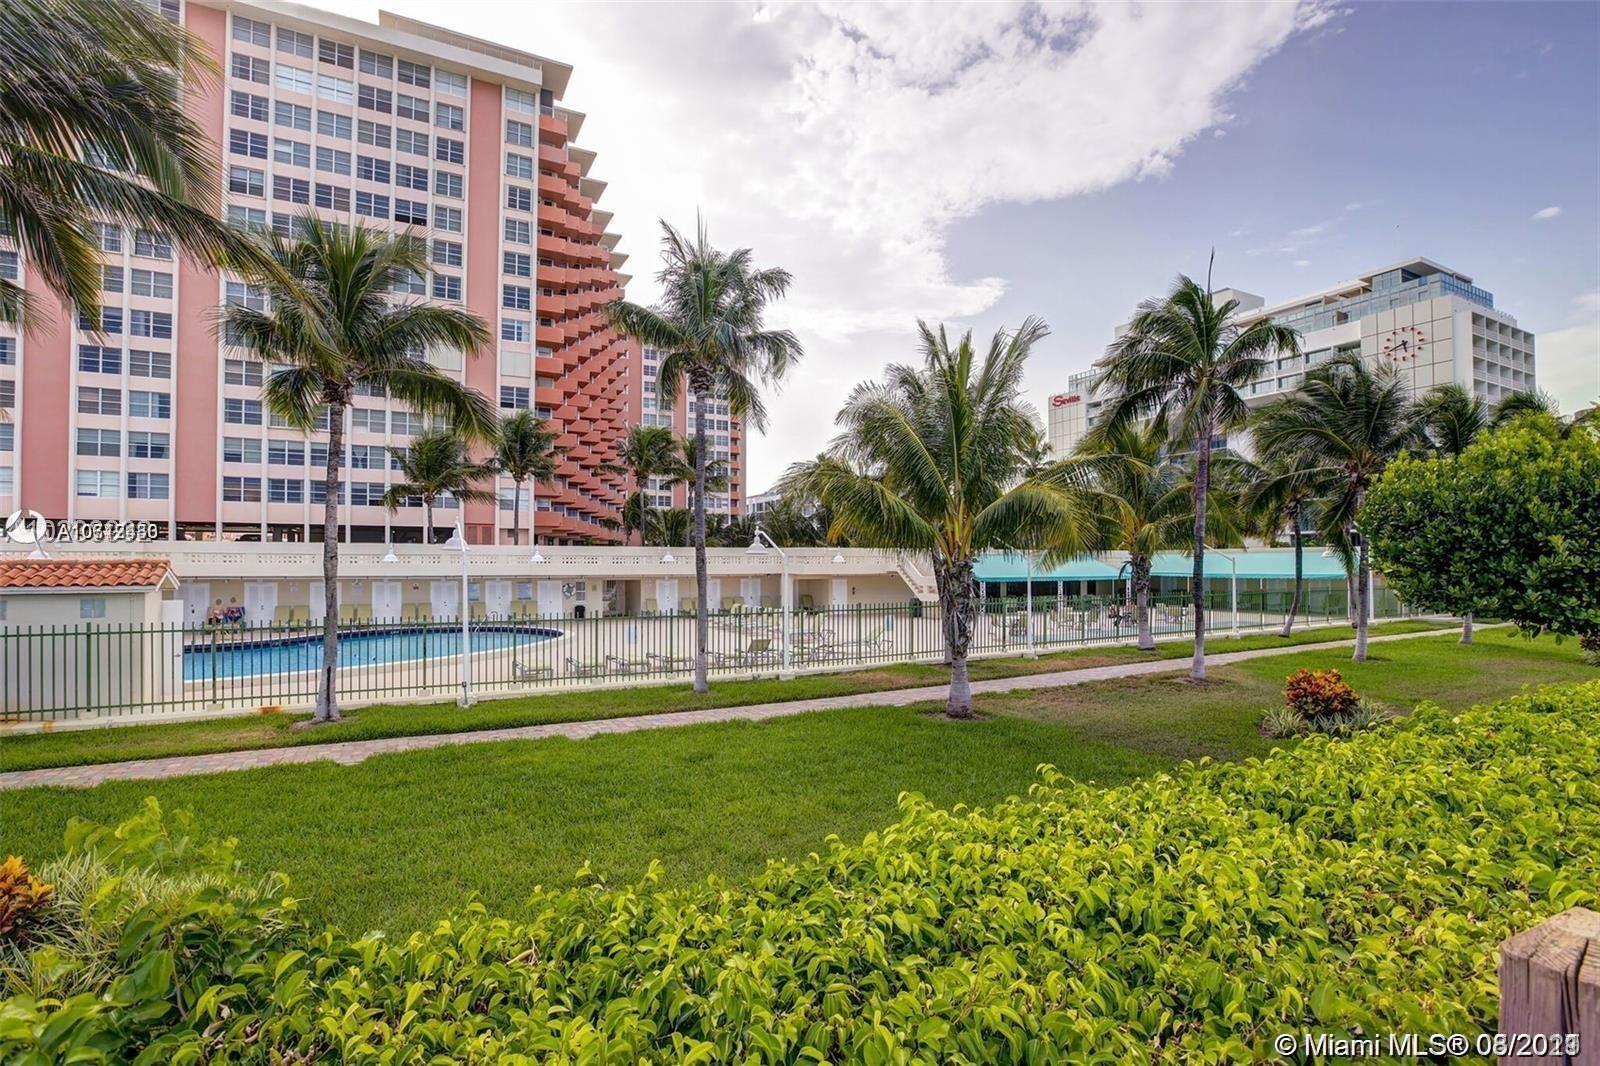 Triton Tower #524 - 2899 Collins #524, Miami Beach, FL 33140